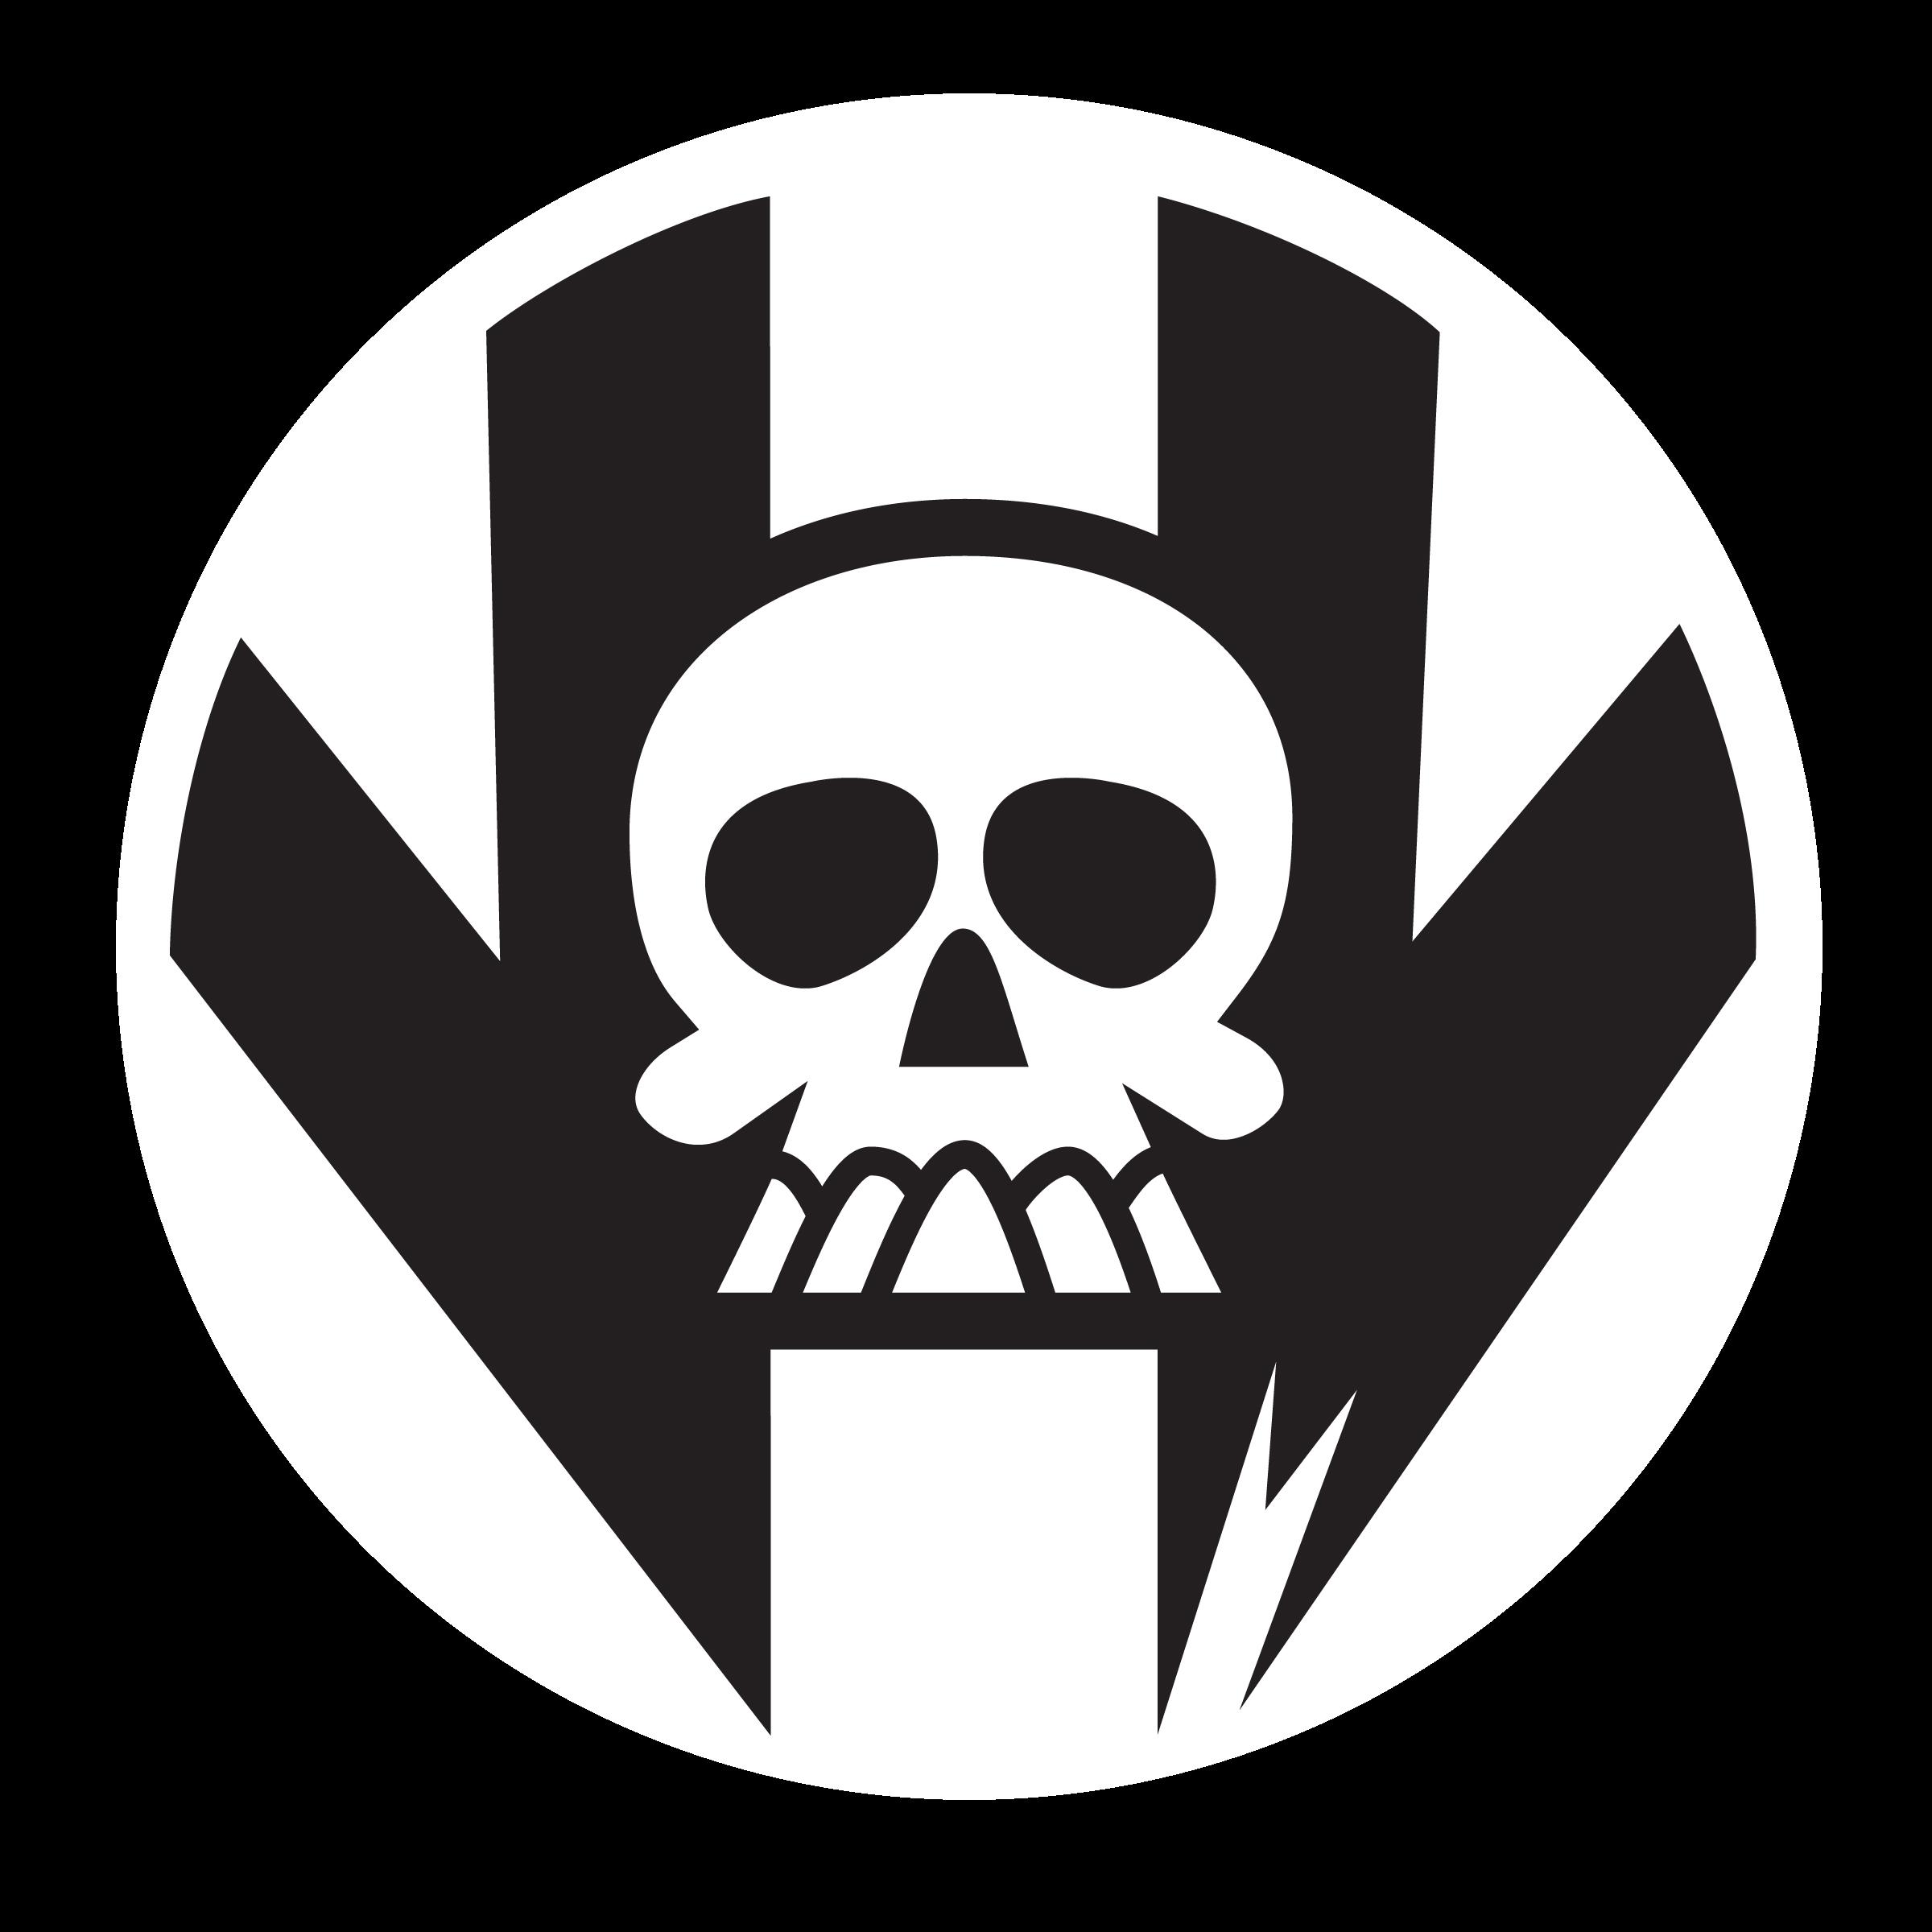 vault-logo.jpg